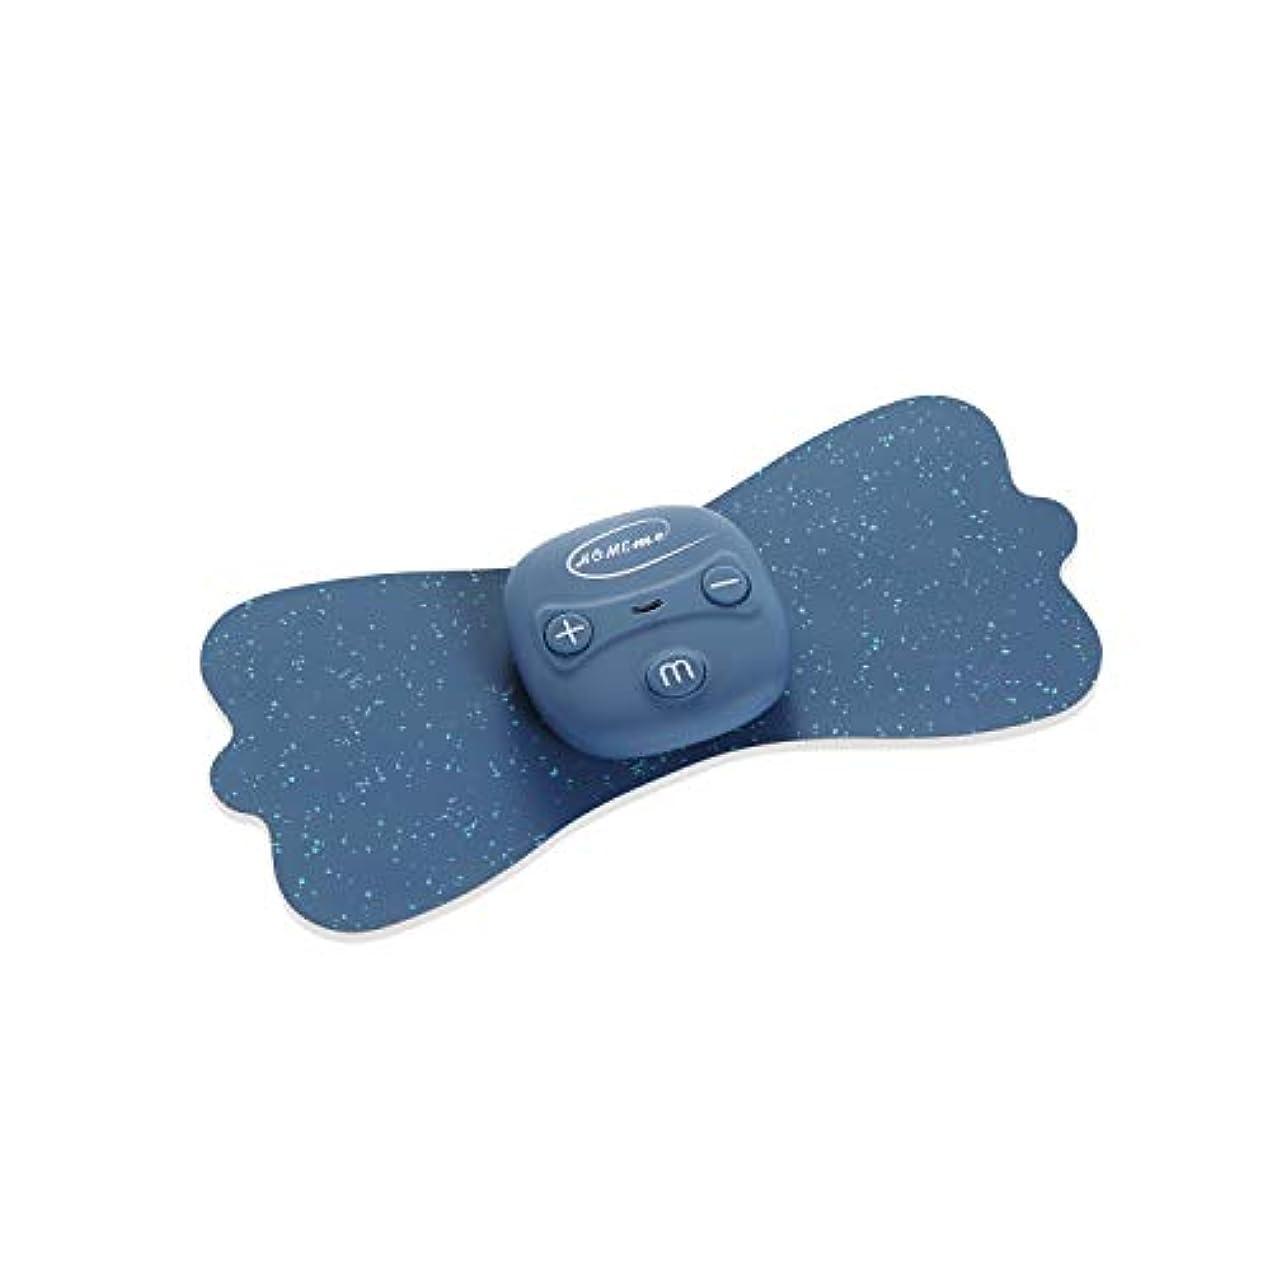 廊下メンテナンスシステムHOMEME 低周波マッサージパッド 2枚 EMSパッド 15段階調節 6つモード 腰マッサージ usb充電式 筋疲労回復 一年保証 首/肩/腰/背中/手/足向け